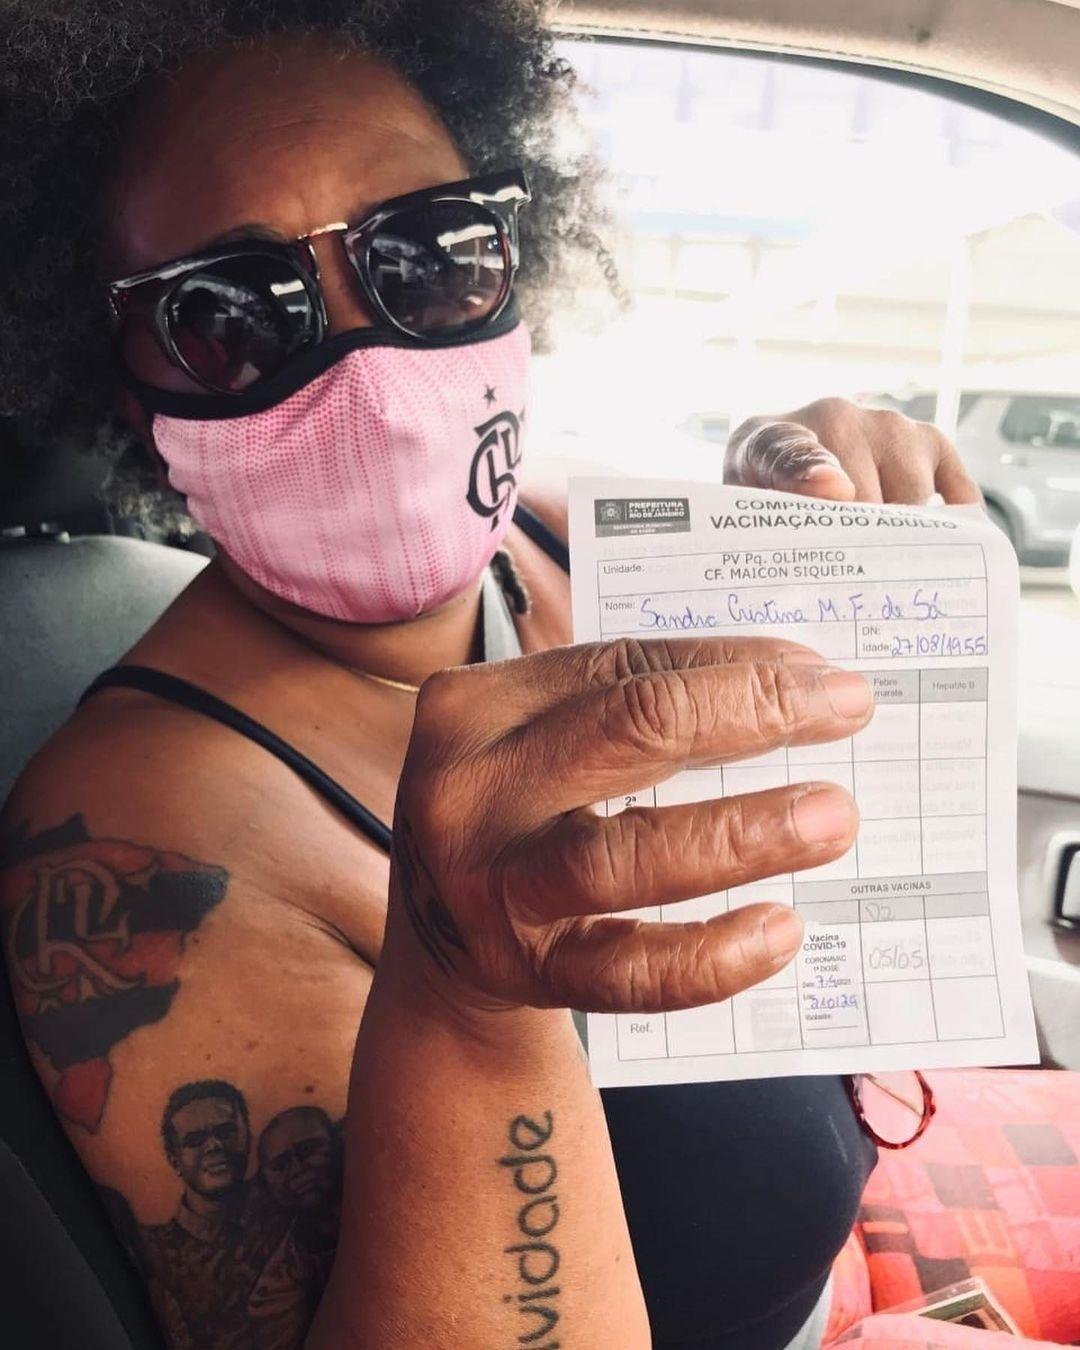 Sandra de Sá recebe primeira dose da vacian contra covid-19 - Reprodução/Instagram